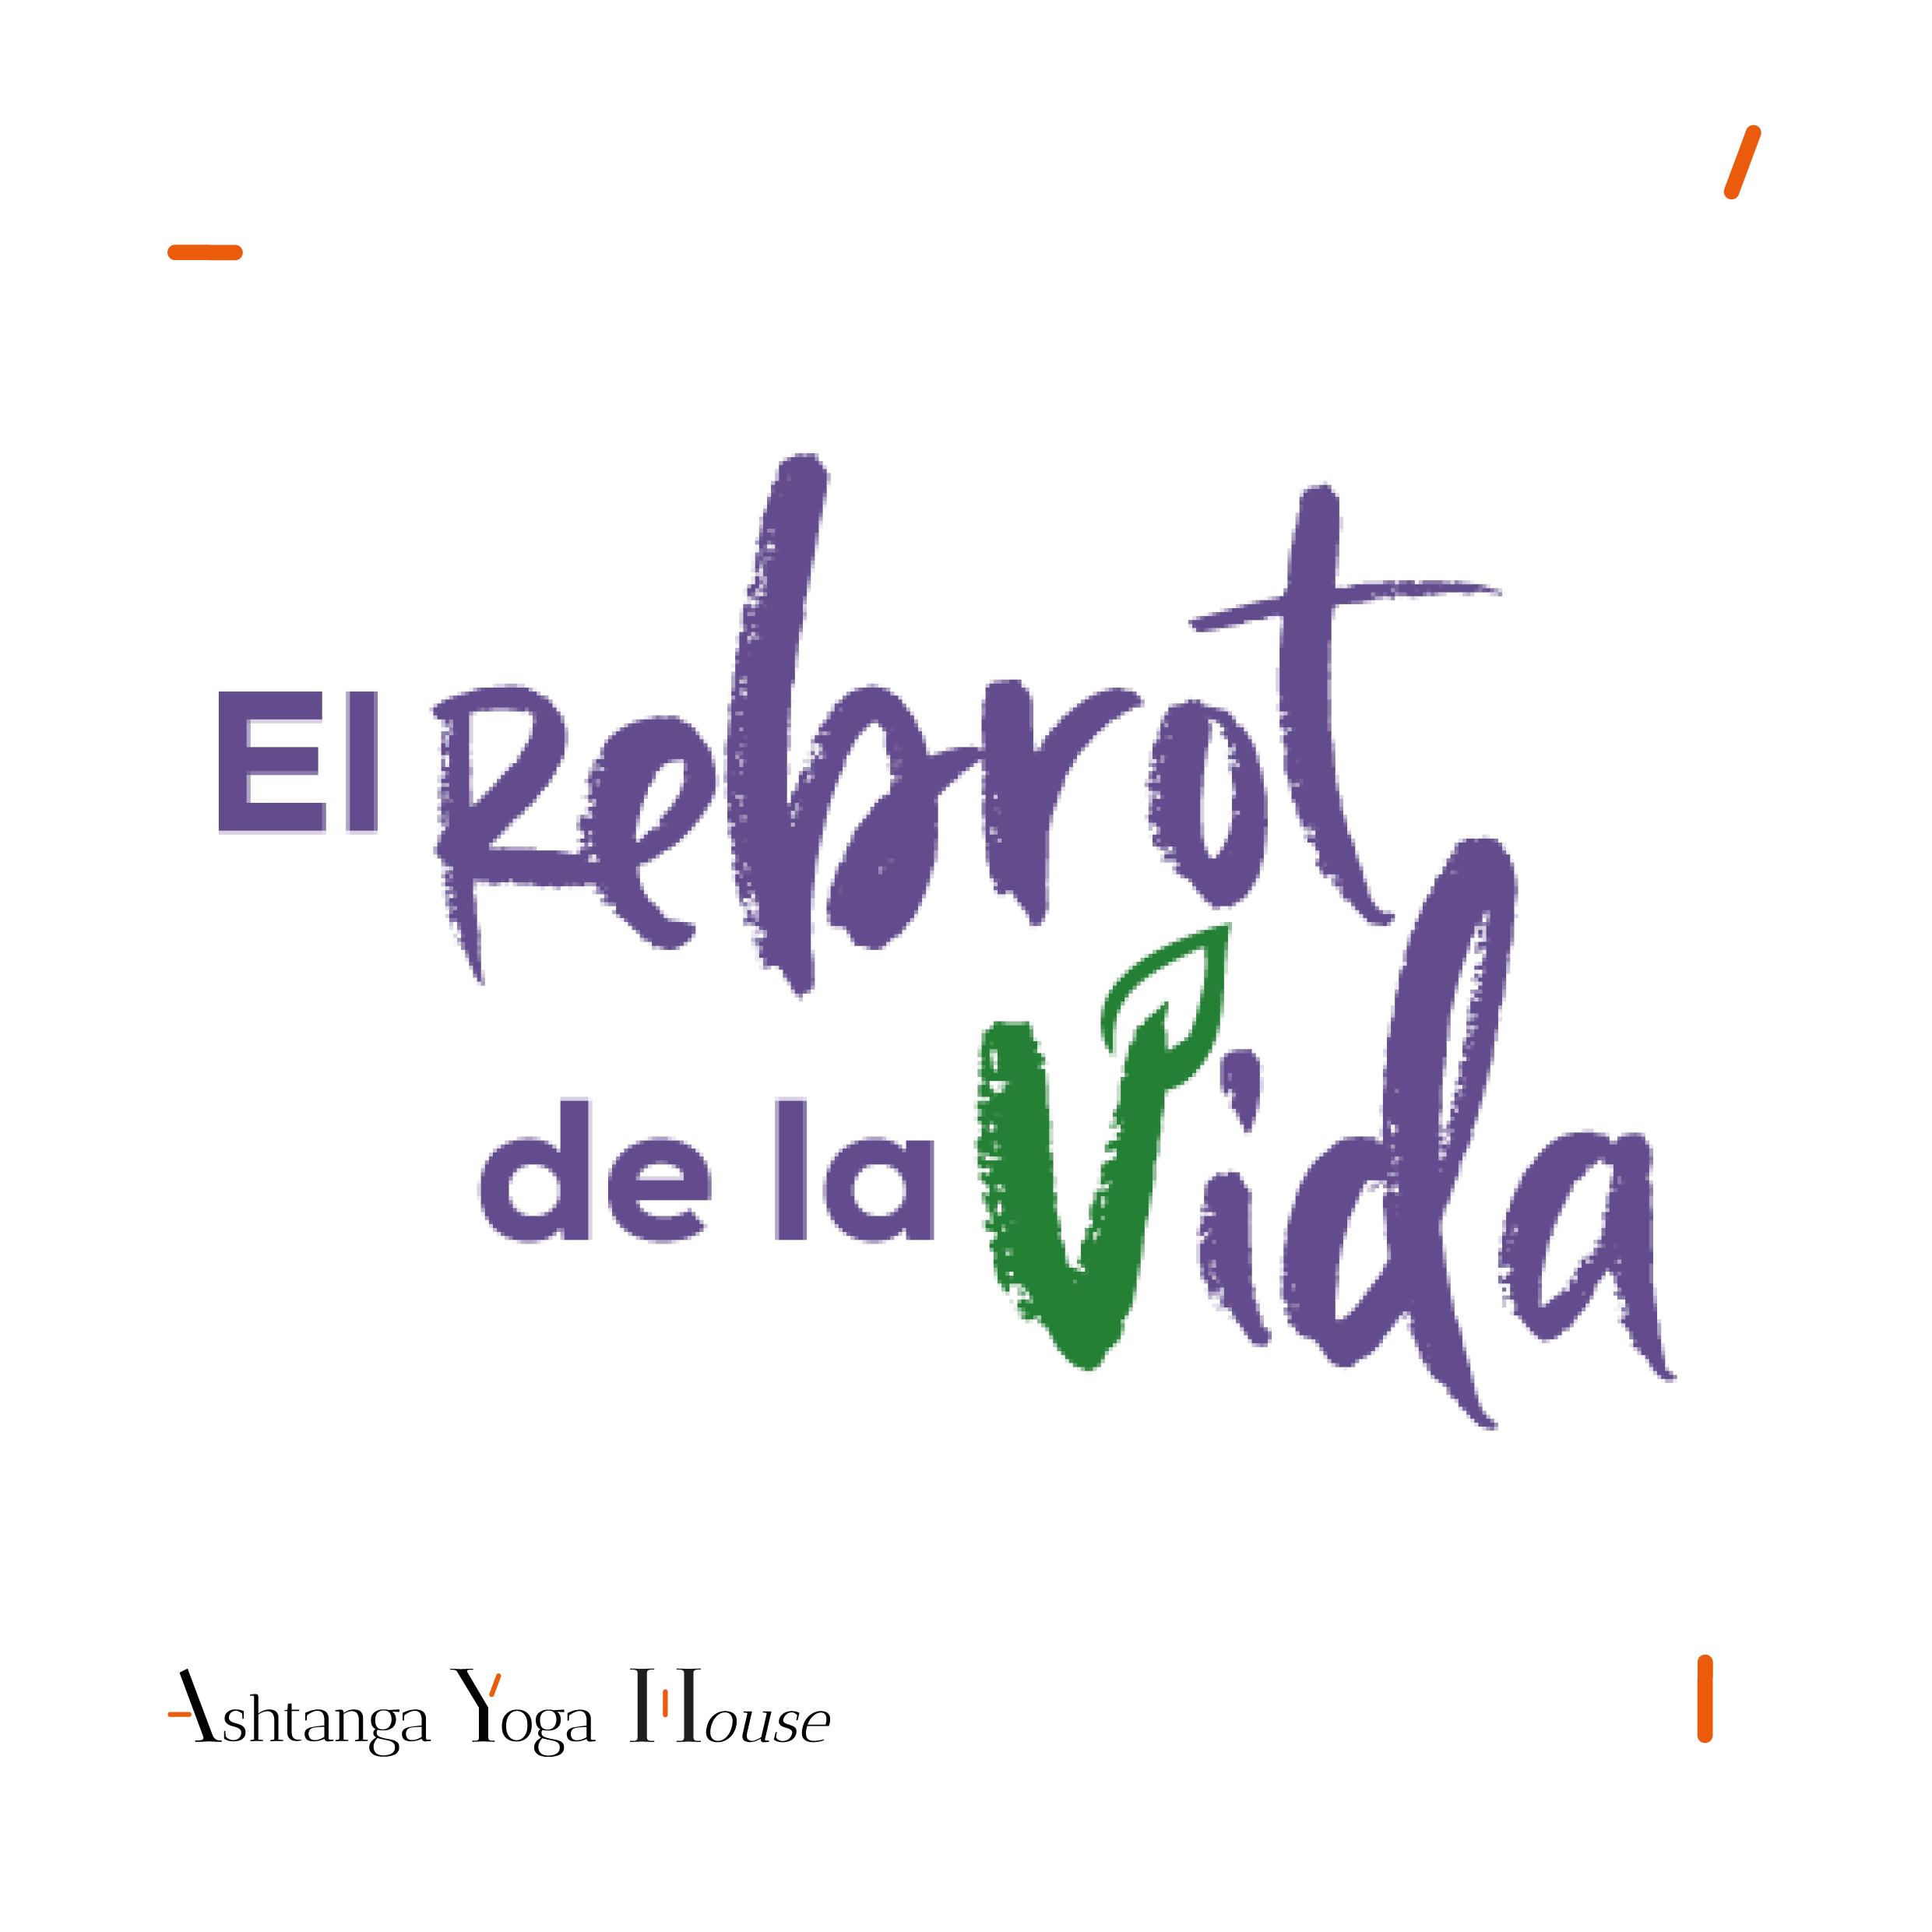 Blog-Ashtanga-Yoga-House-Valencia-colabora-el-rebrot-de-la-vida